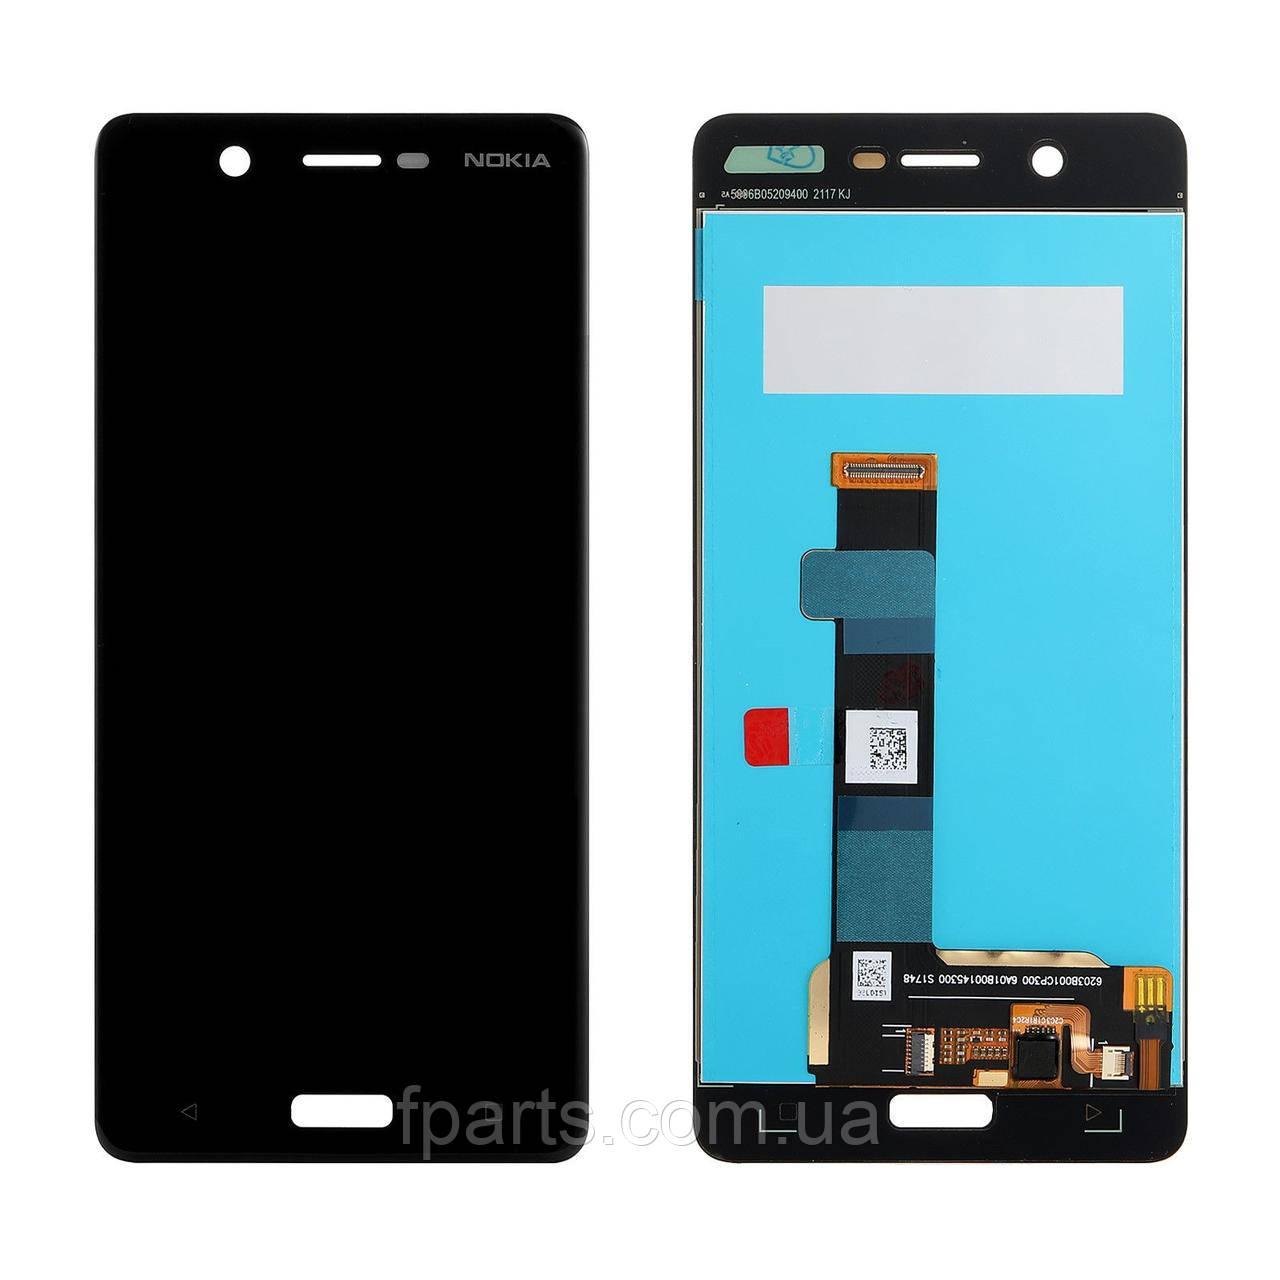 Дисплей для Nokia 5 Dual Sim (TA-1053) с тачскрином, Black (Original PRC)